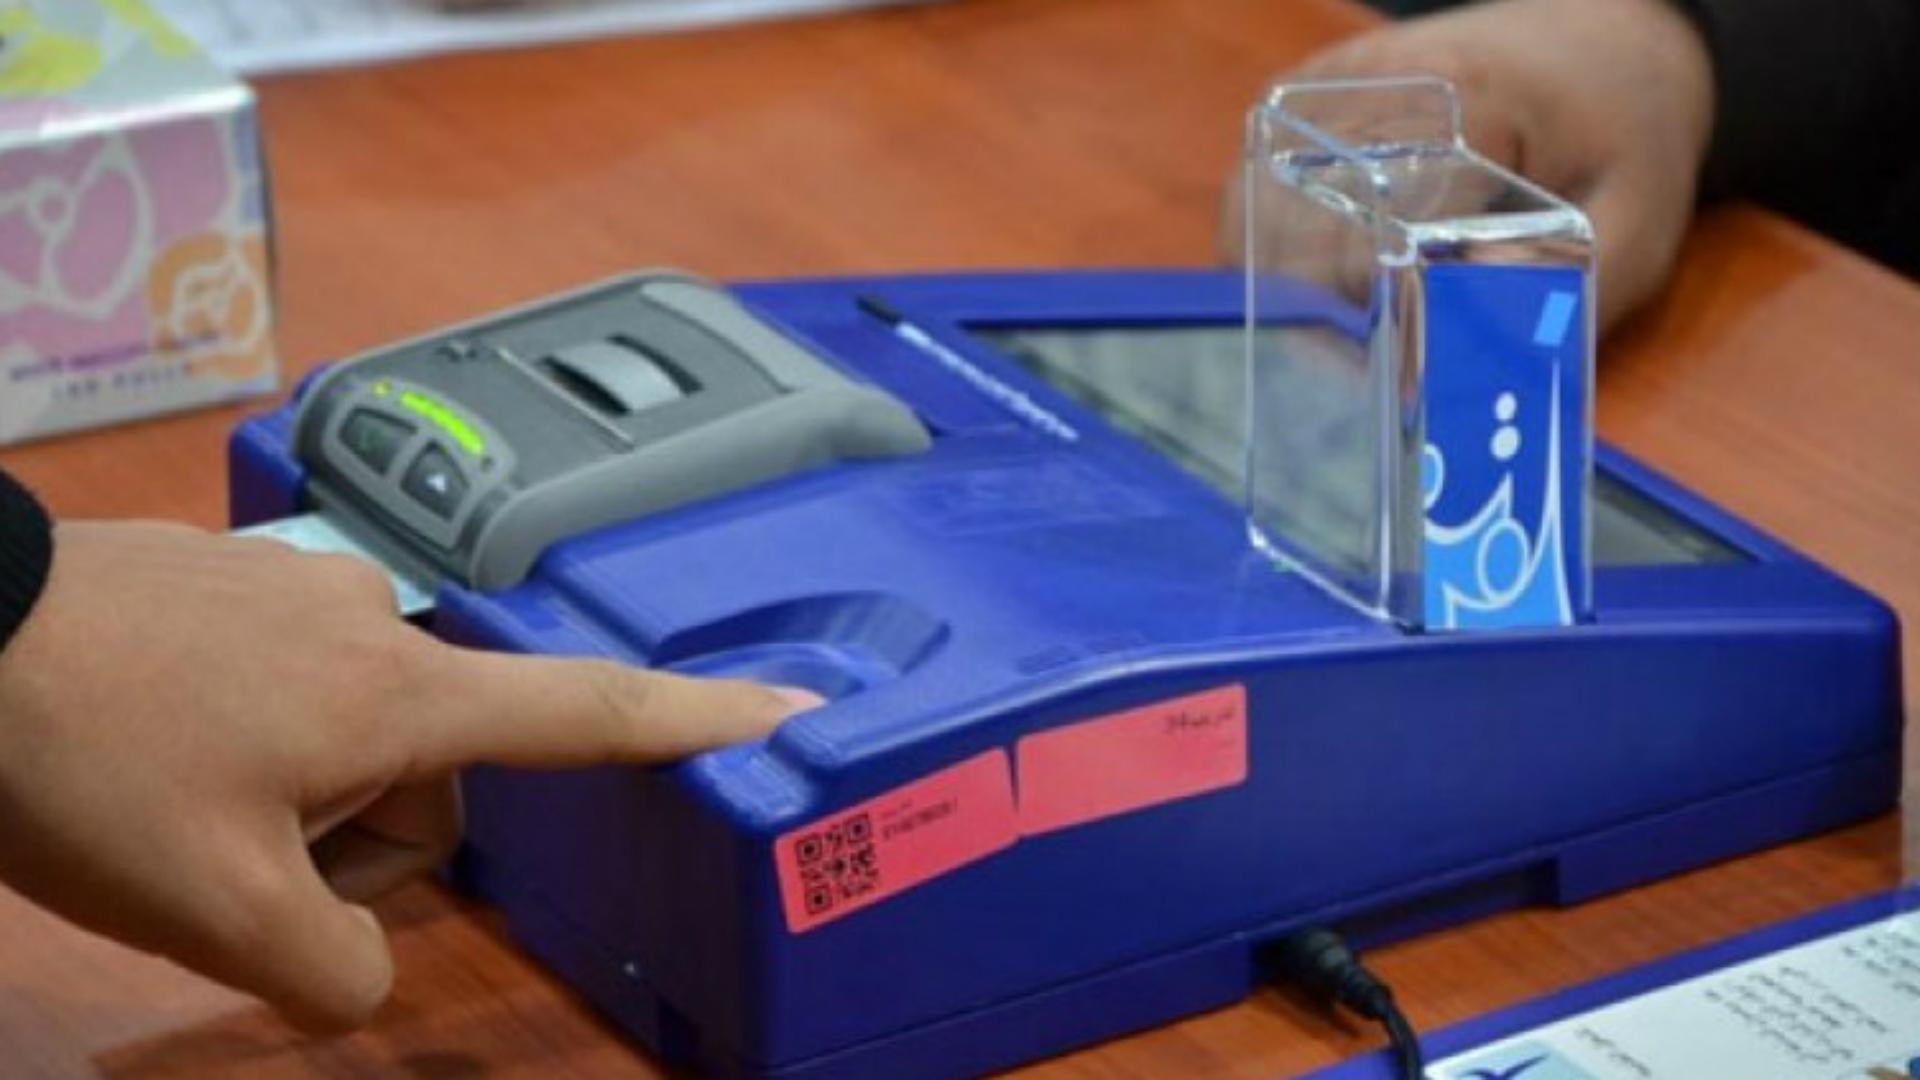 المفوضية العليا المستقلة للانتخابات تعمل لاستكمال البطاقة البايومترية